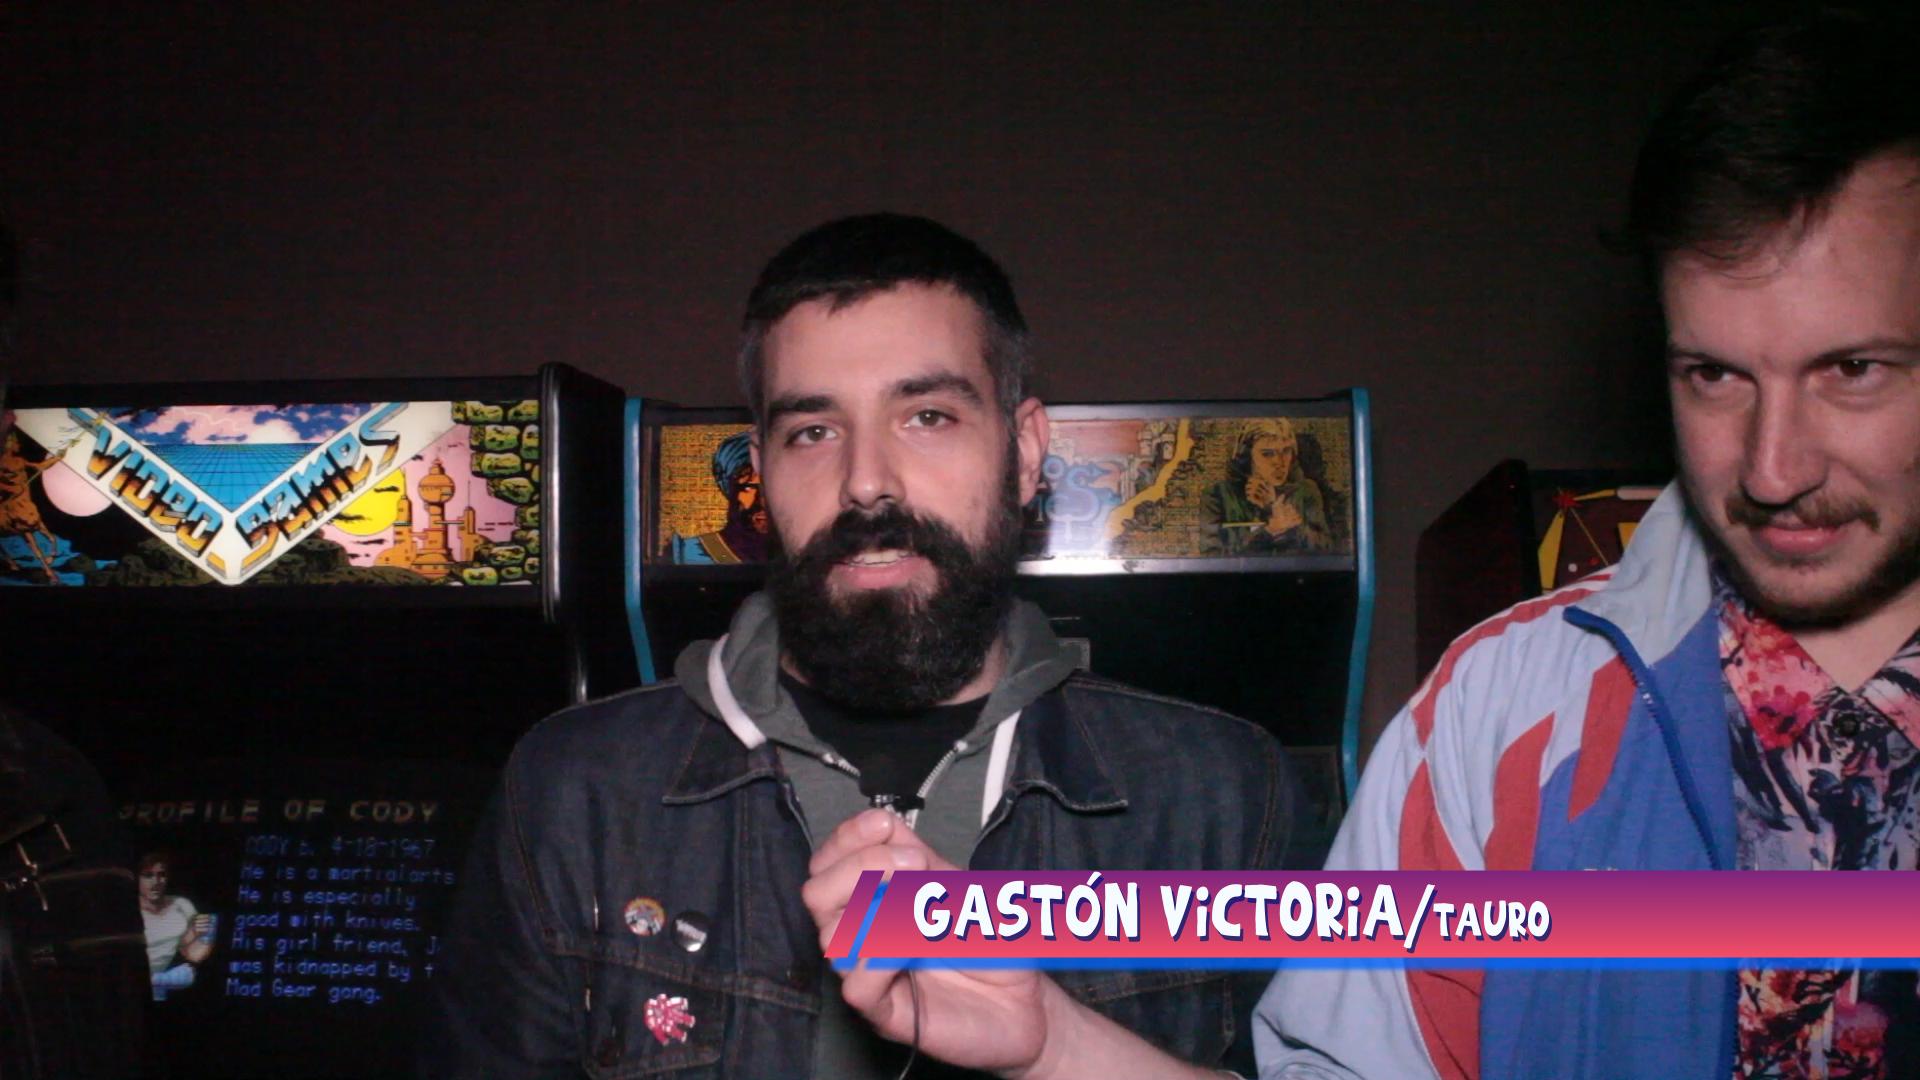 TAURO/ GASTON VICTORIA